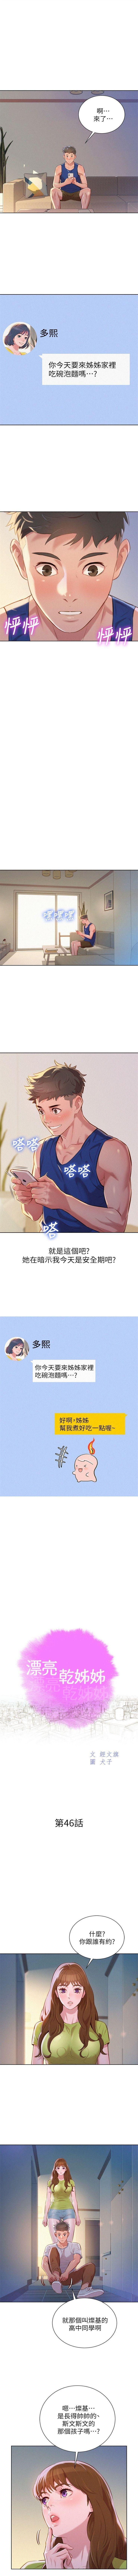 (周7)漂亮干姐姐  1-79 中文翻译 (更新中) 238